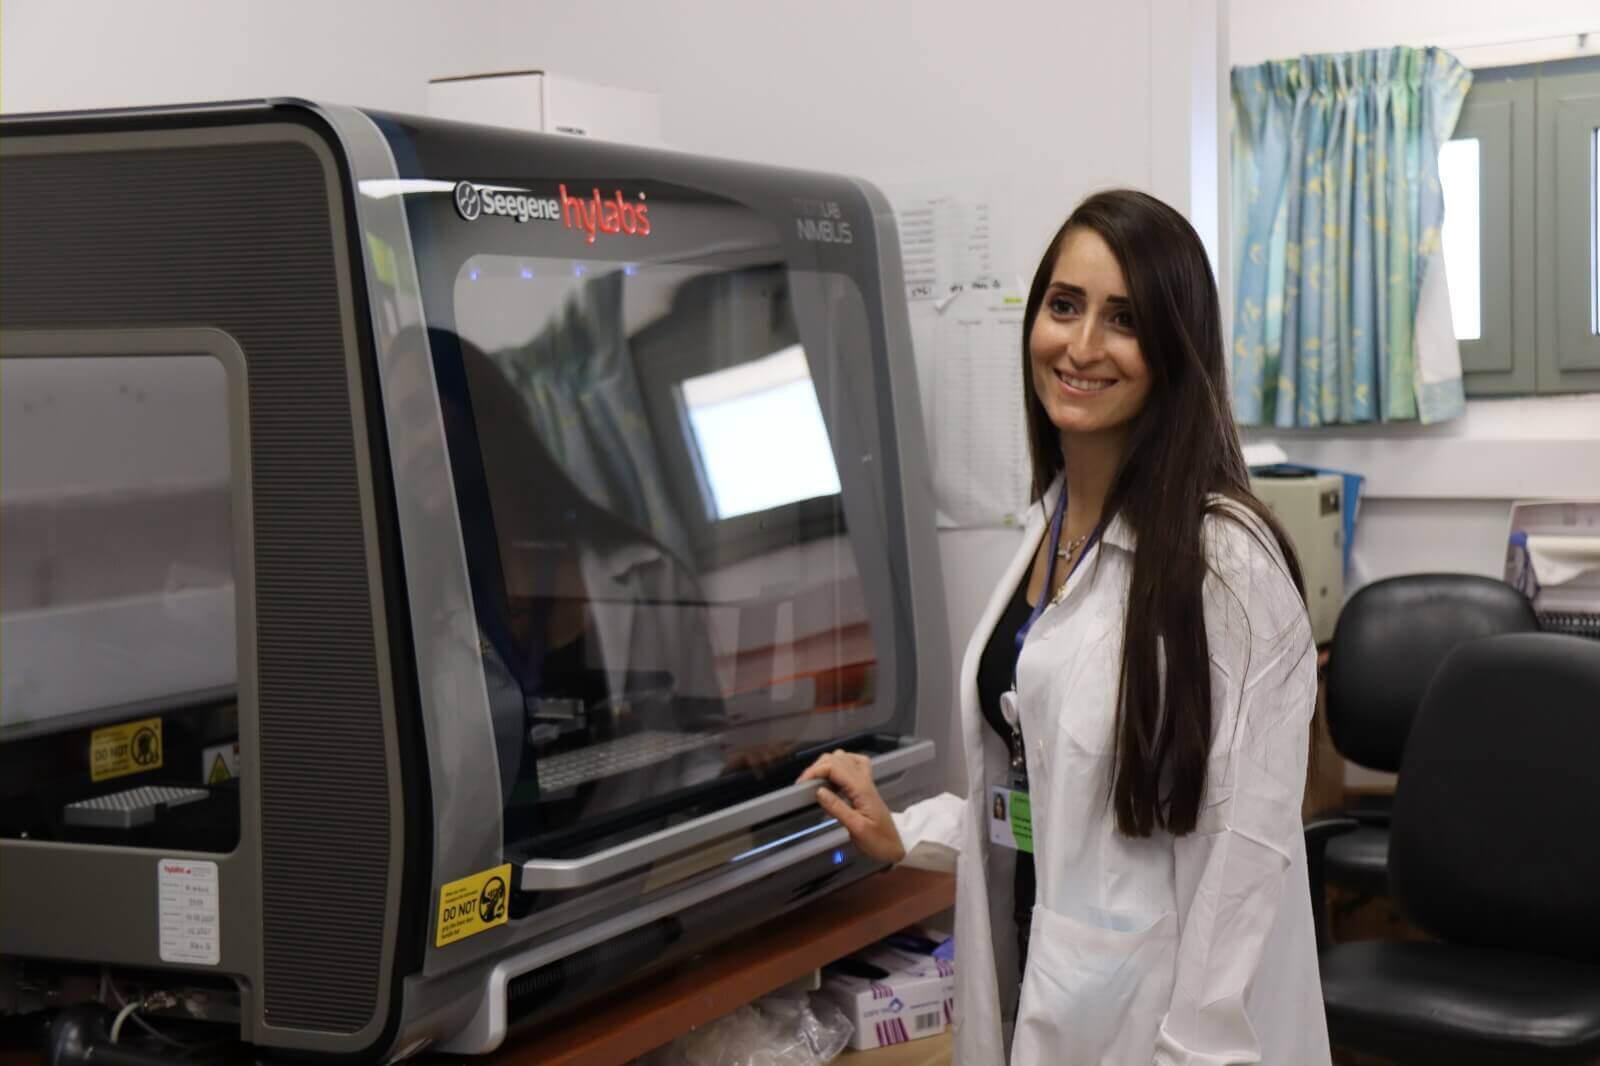 מנהלת המעבדה המיקרוביולוגית הילה בן עמרם צילום: זיו